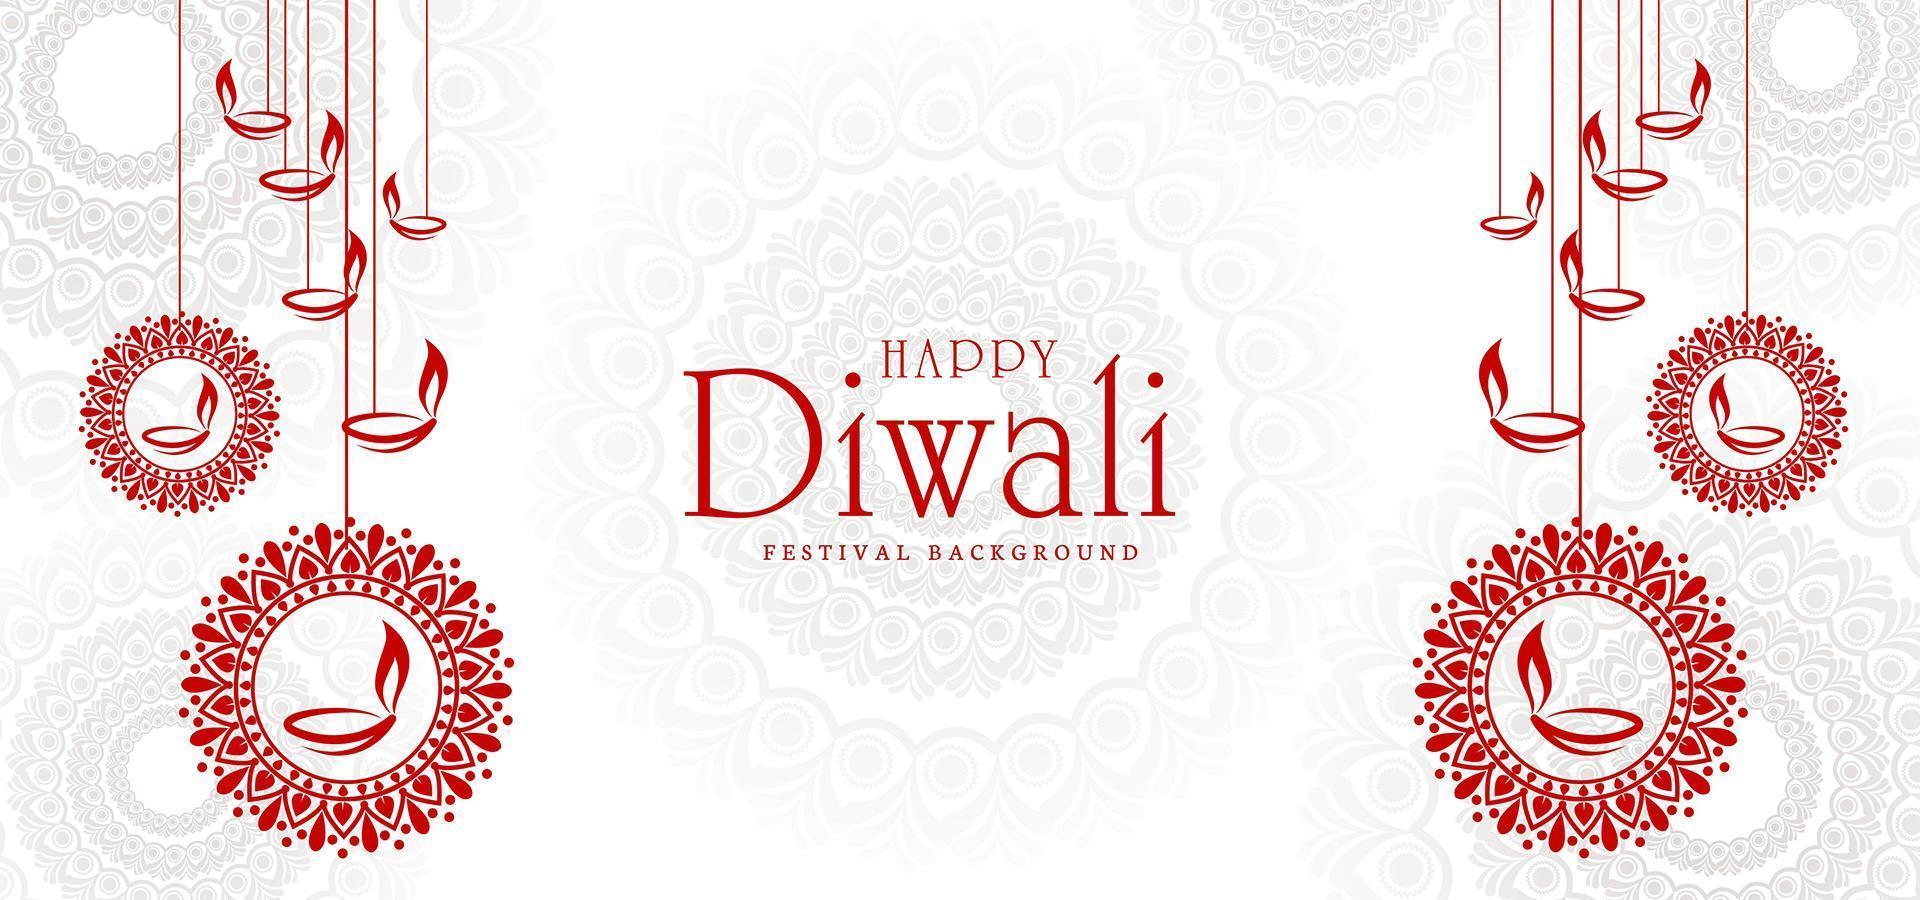 sfondo festival artistico biglietto di auguri diwali vettore